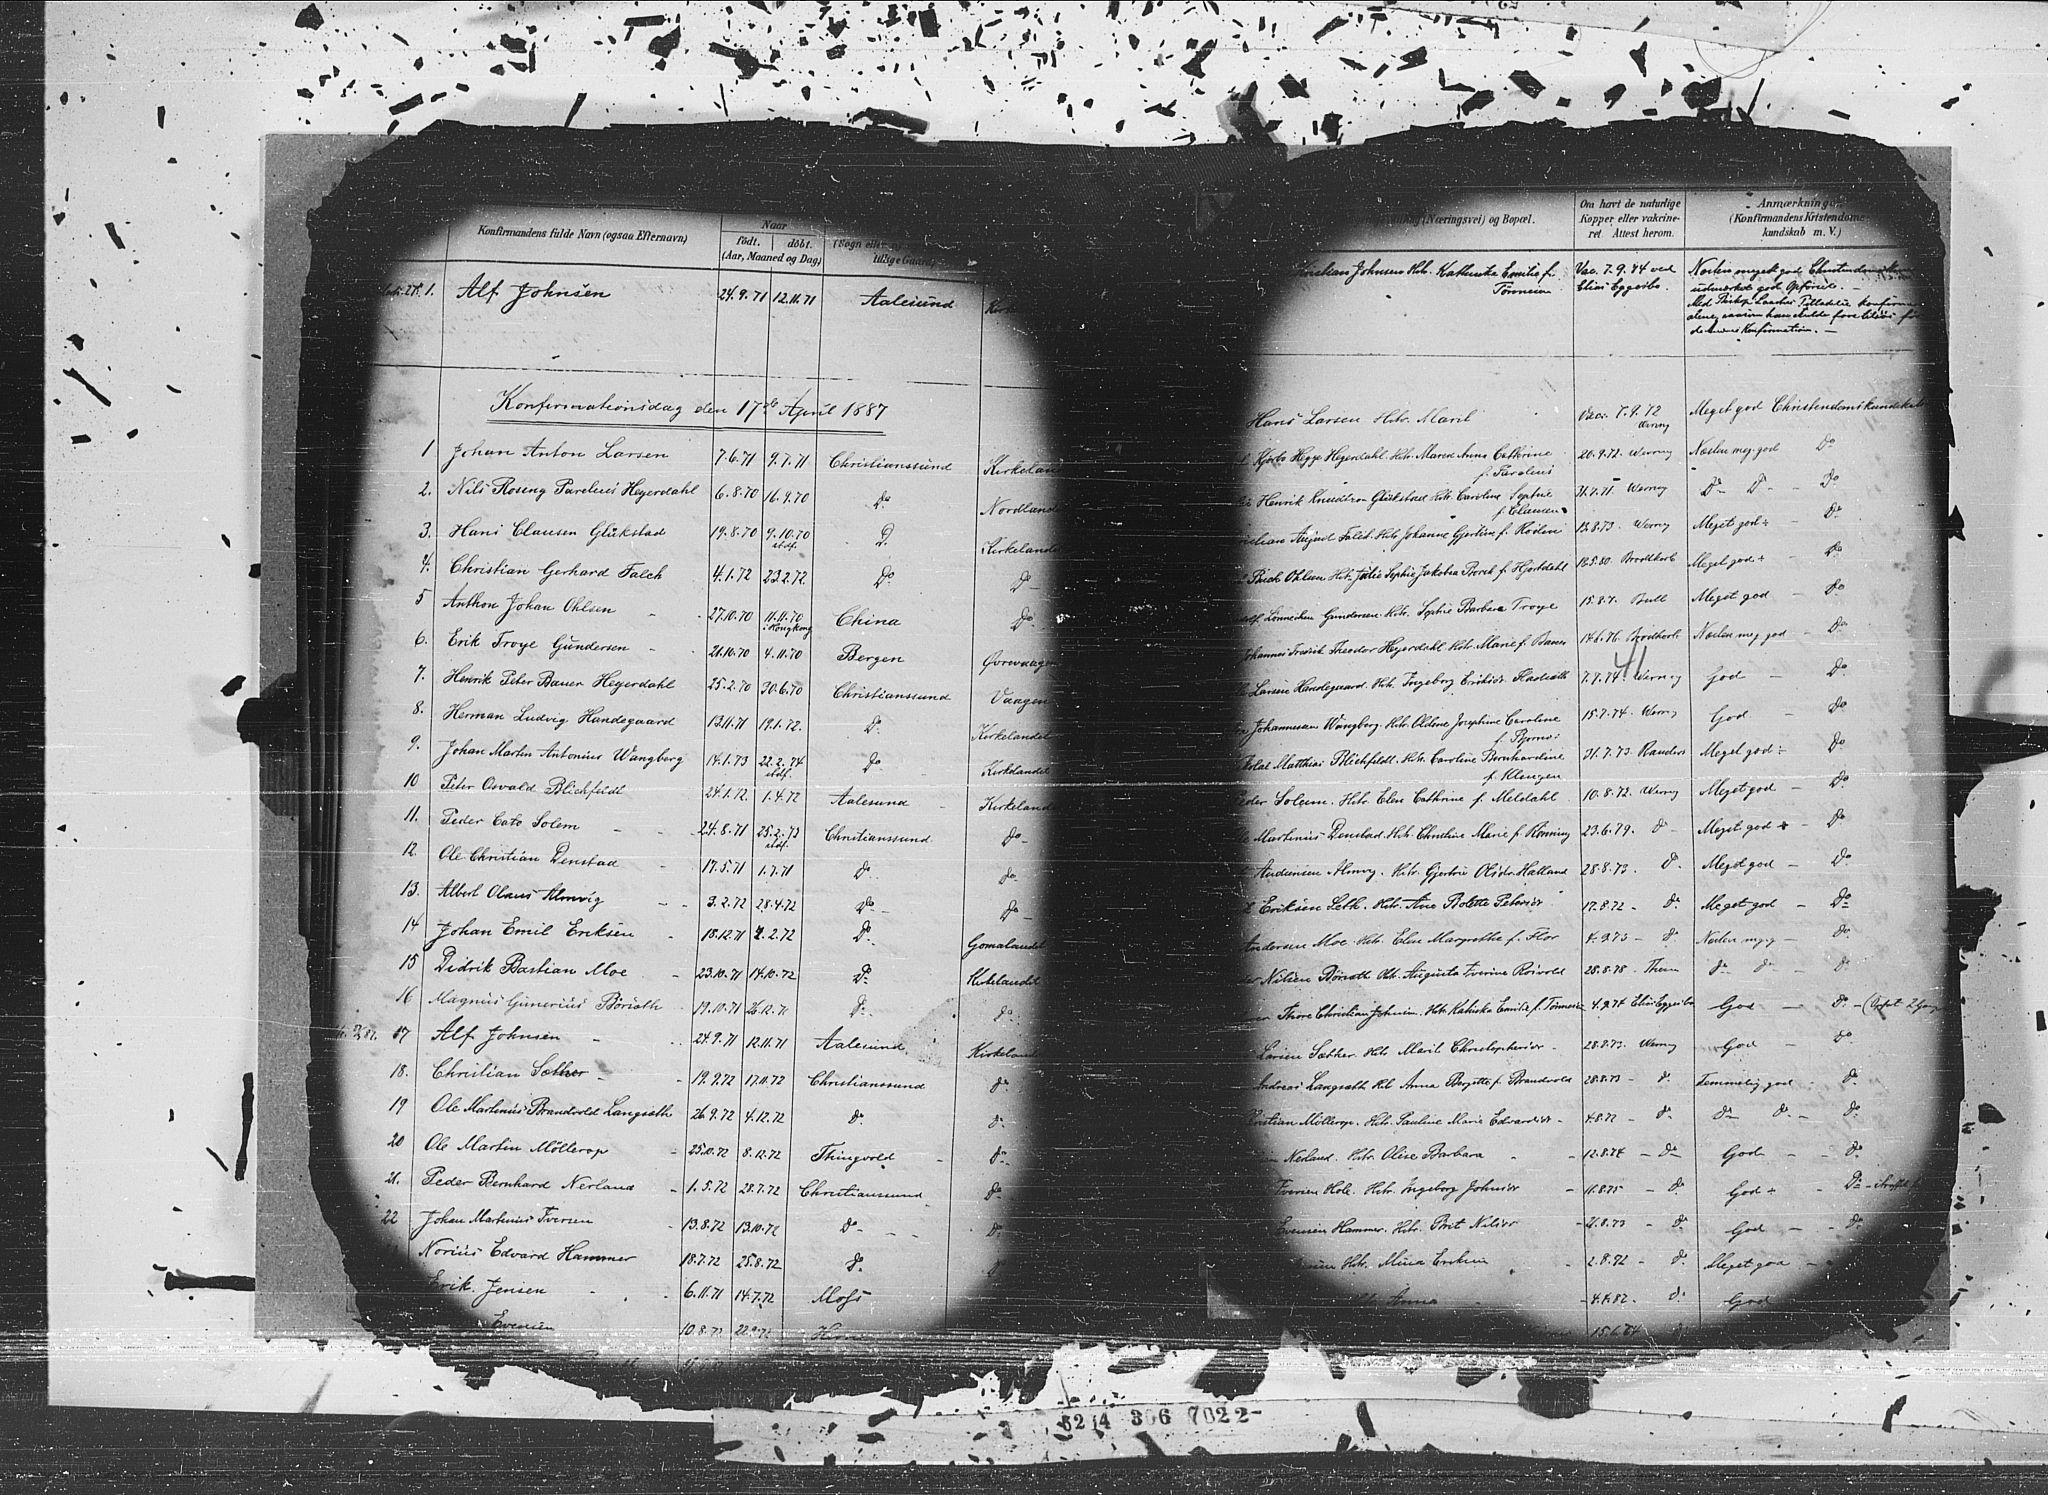 SAT, Ministerialprotokoller, klokkerbøker og fødselsregistre - Møre og Romsdal, 572/L0852: Ministerialbok nr. 572A15, 1880-1900, s. 41